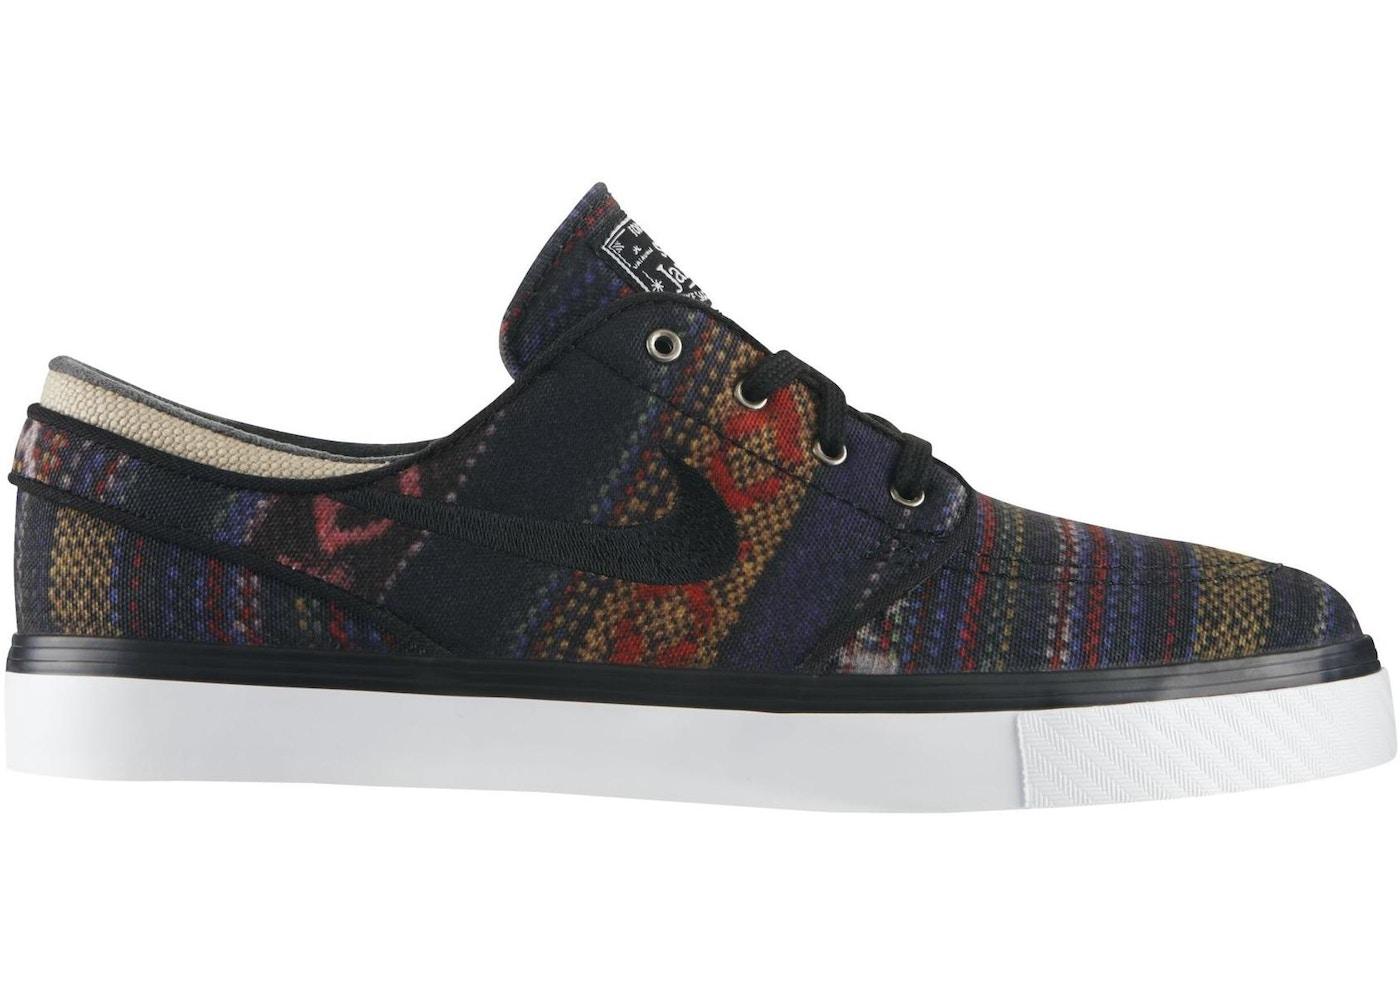 klasyczne buty najbardziej popularny za pół Nike SB Stefan Janoski Zoom Hacky Sack